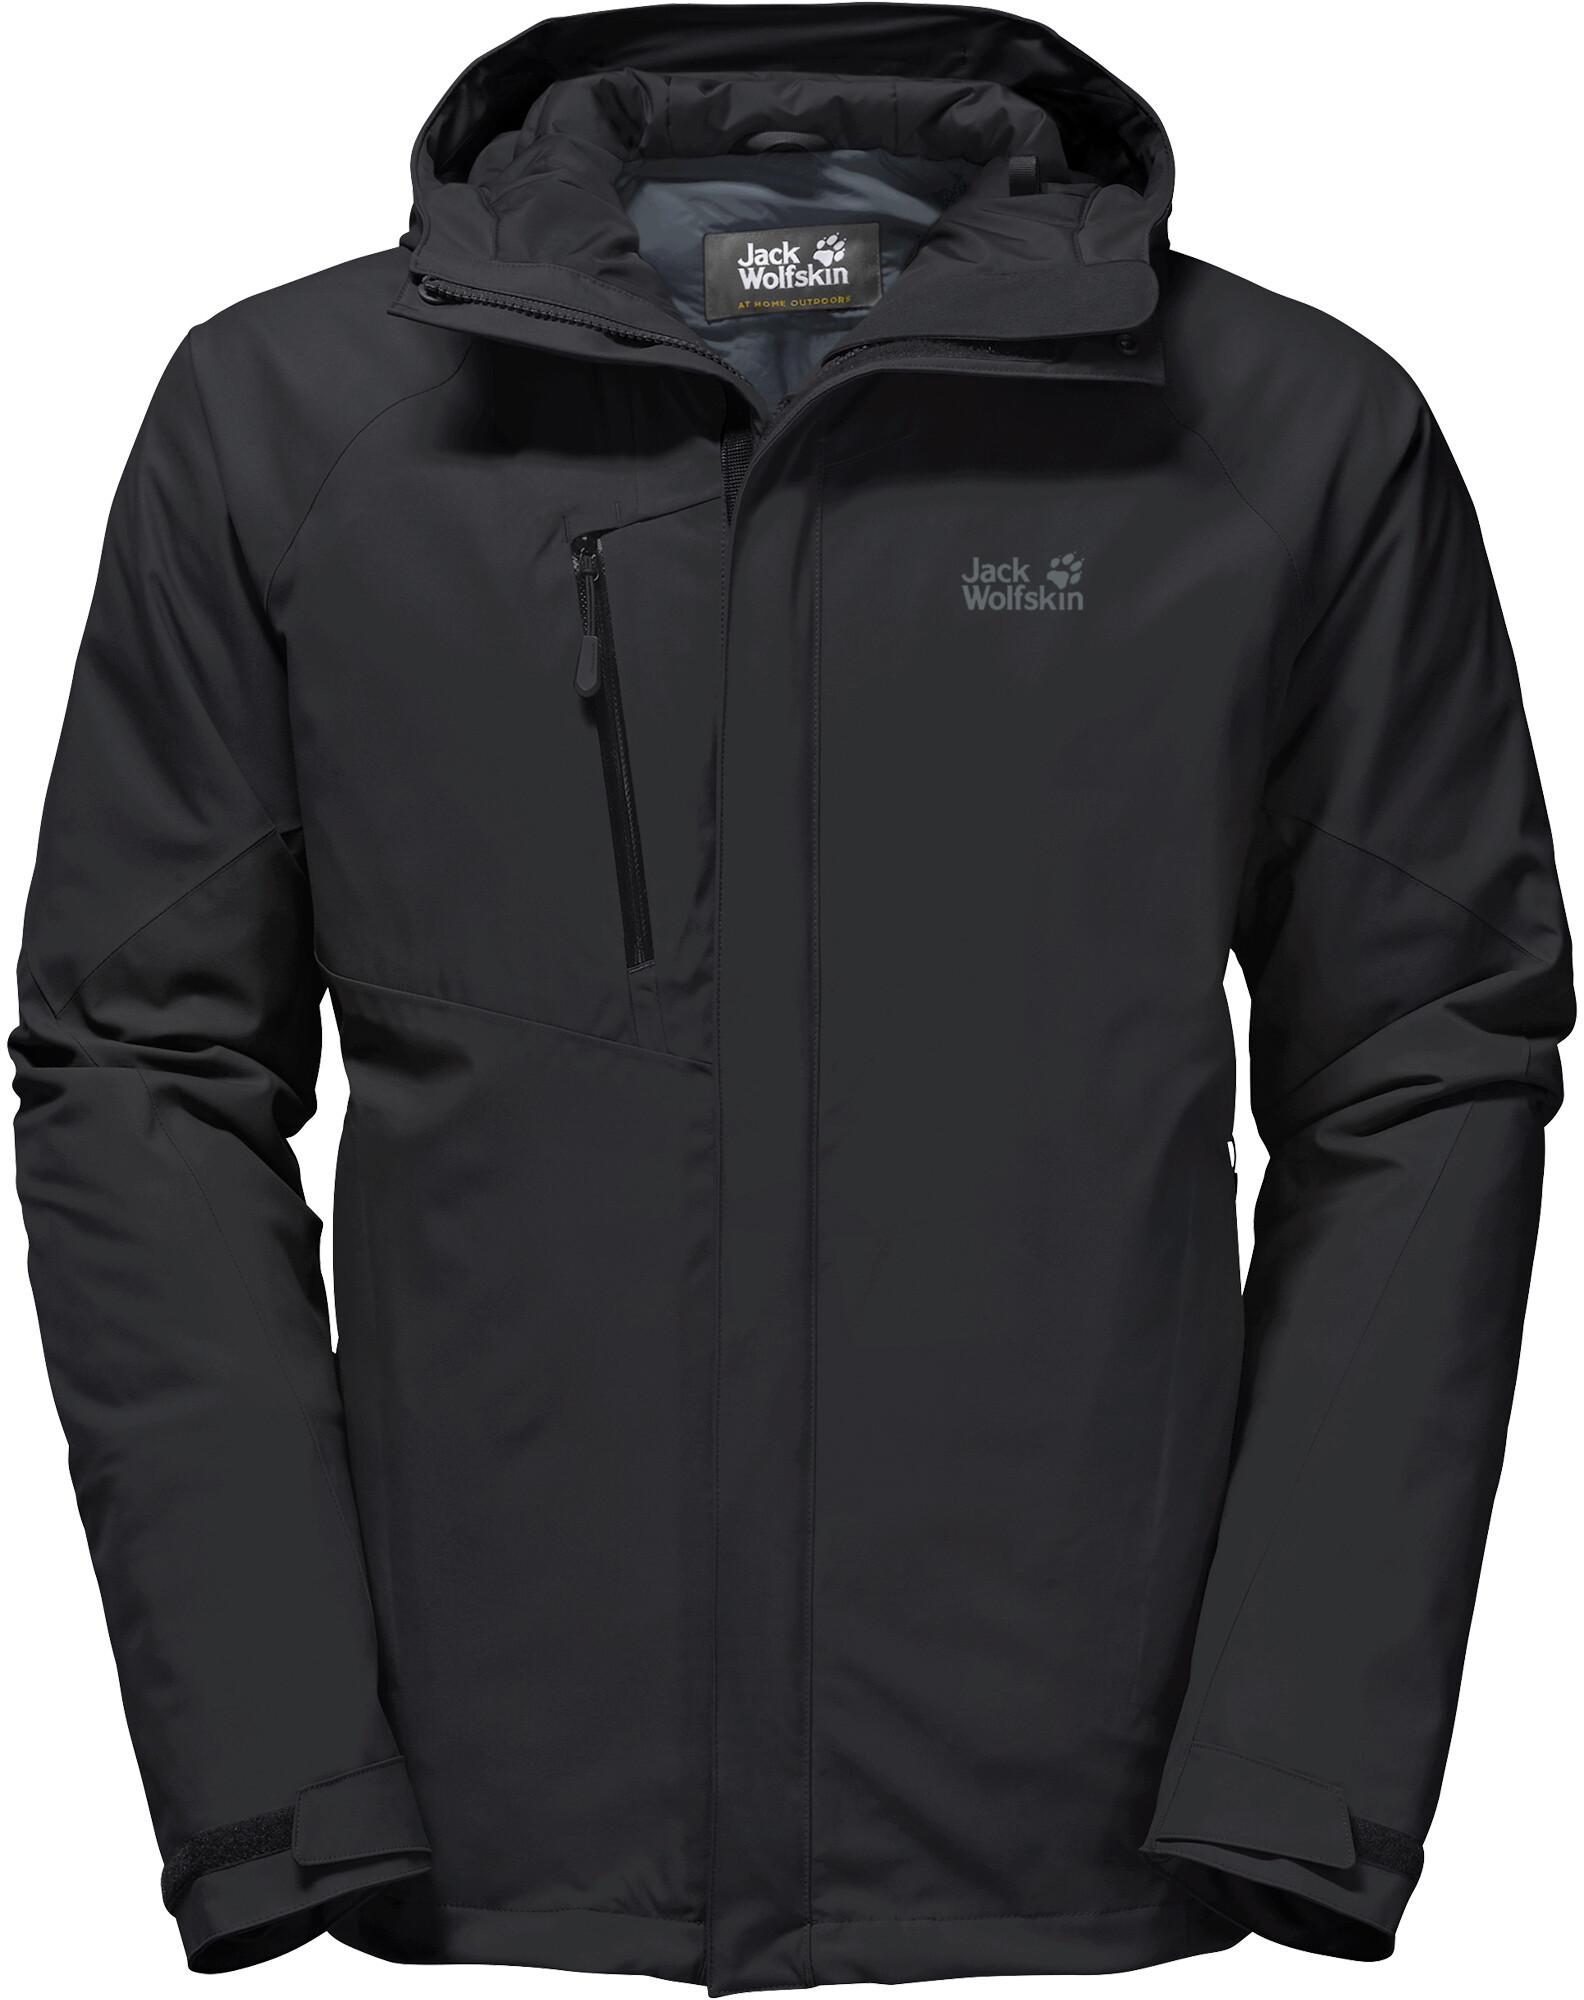 Jack Wolfskin Troposphere Jacket Men black at Addnature.co.uk